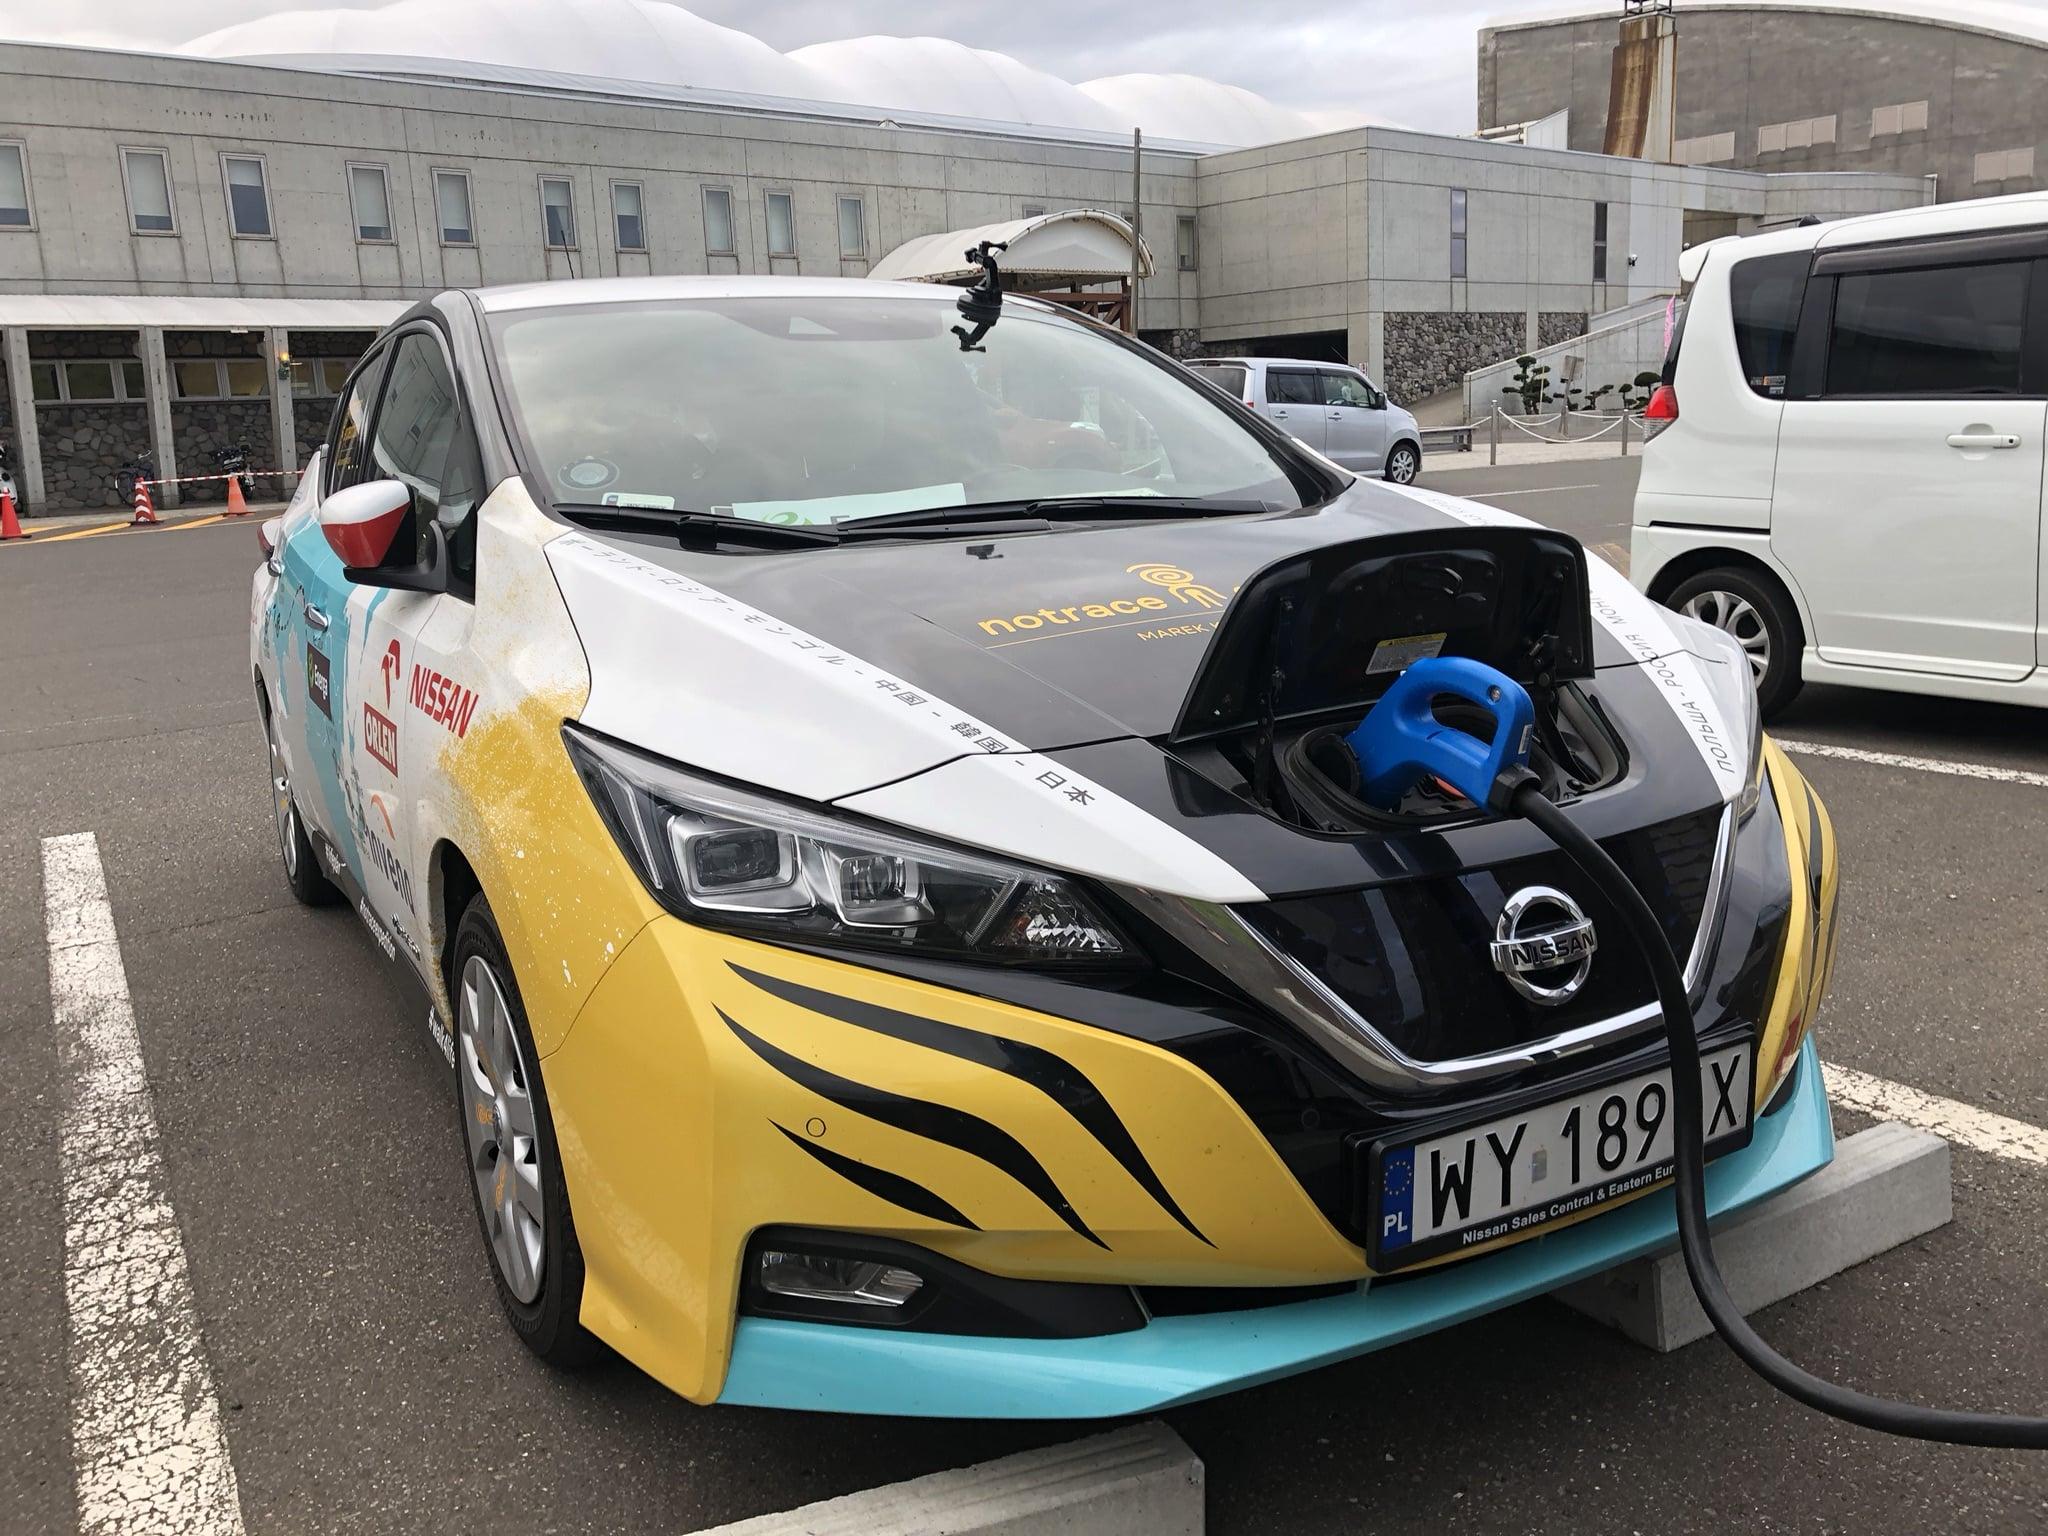 Abenteurer fährt neuen Nissan Leaf über 16.000 Kilometer und zwei Kontinente » 426232401 Abenteurer f hrt neuen Nissan Leaf ber 16 000 Kilometer und zwei